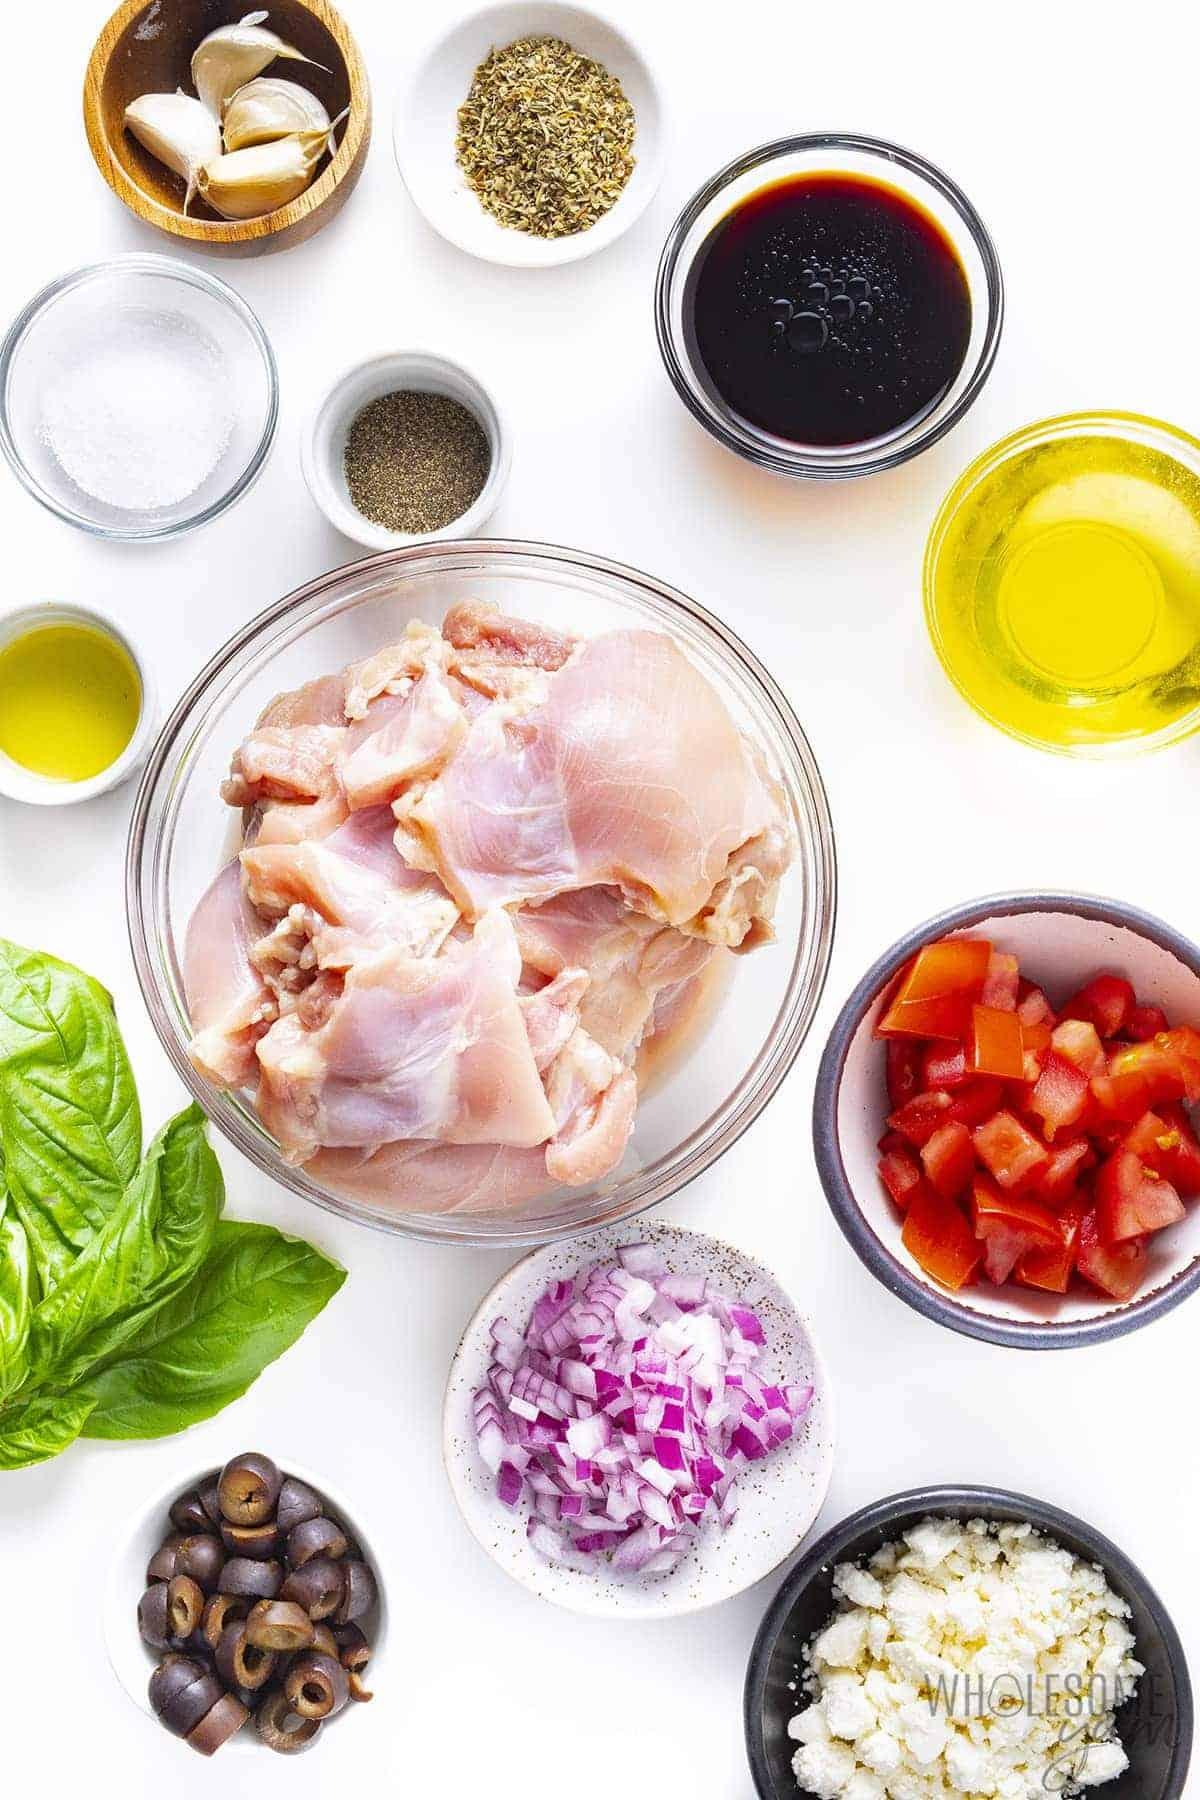 Mediterranean chicken ingredients on plates